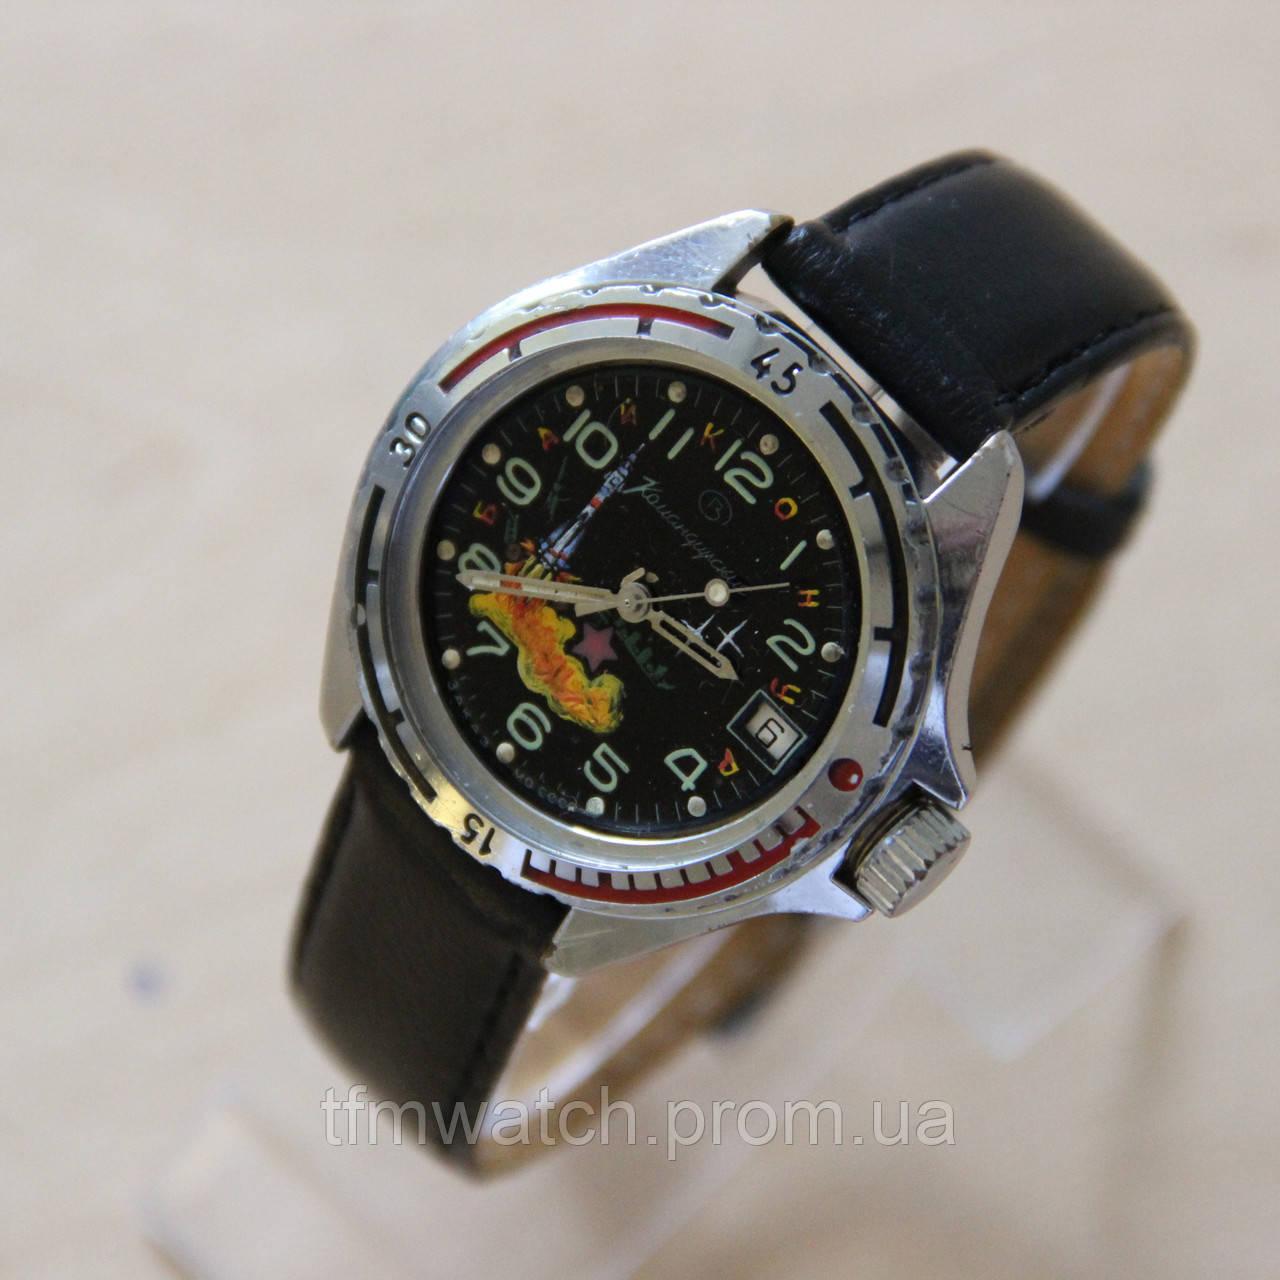 4a5018b6 Командирские Байконур наручные часы Восток СССР - Магазин старинных,  винтажных и антикварных часов TFMwatch в